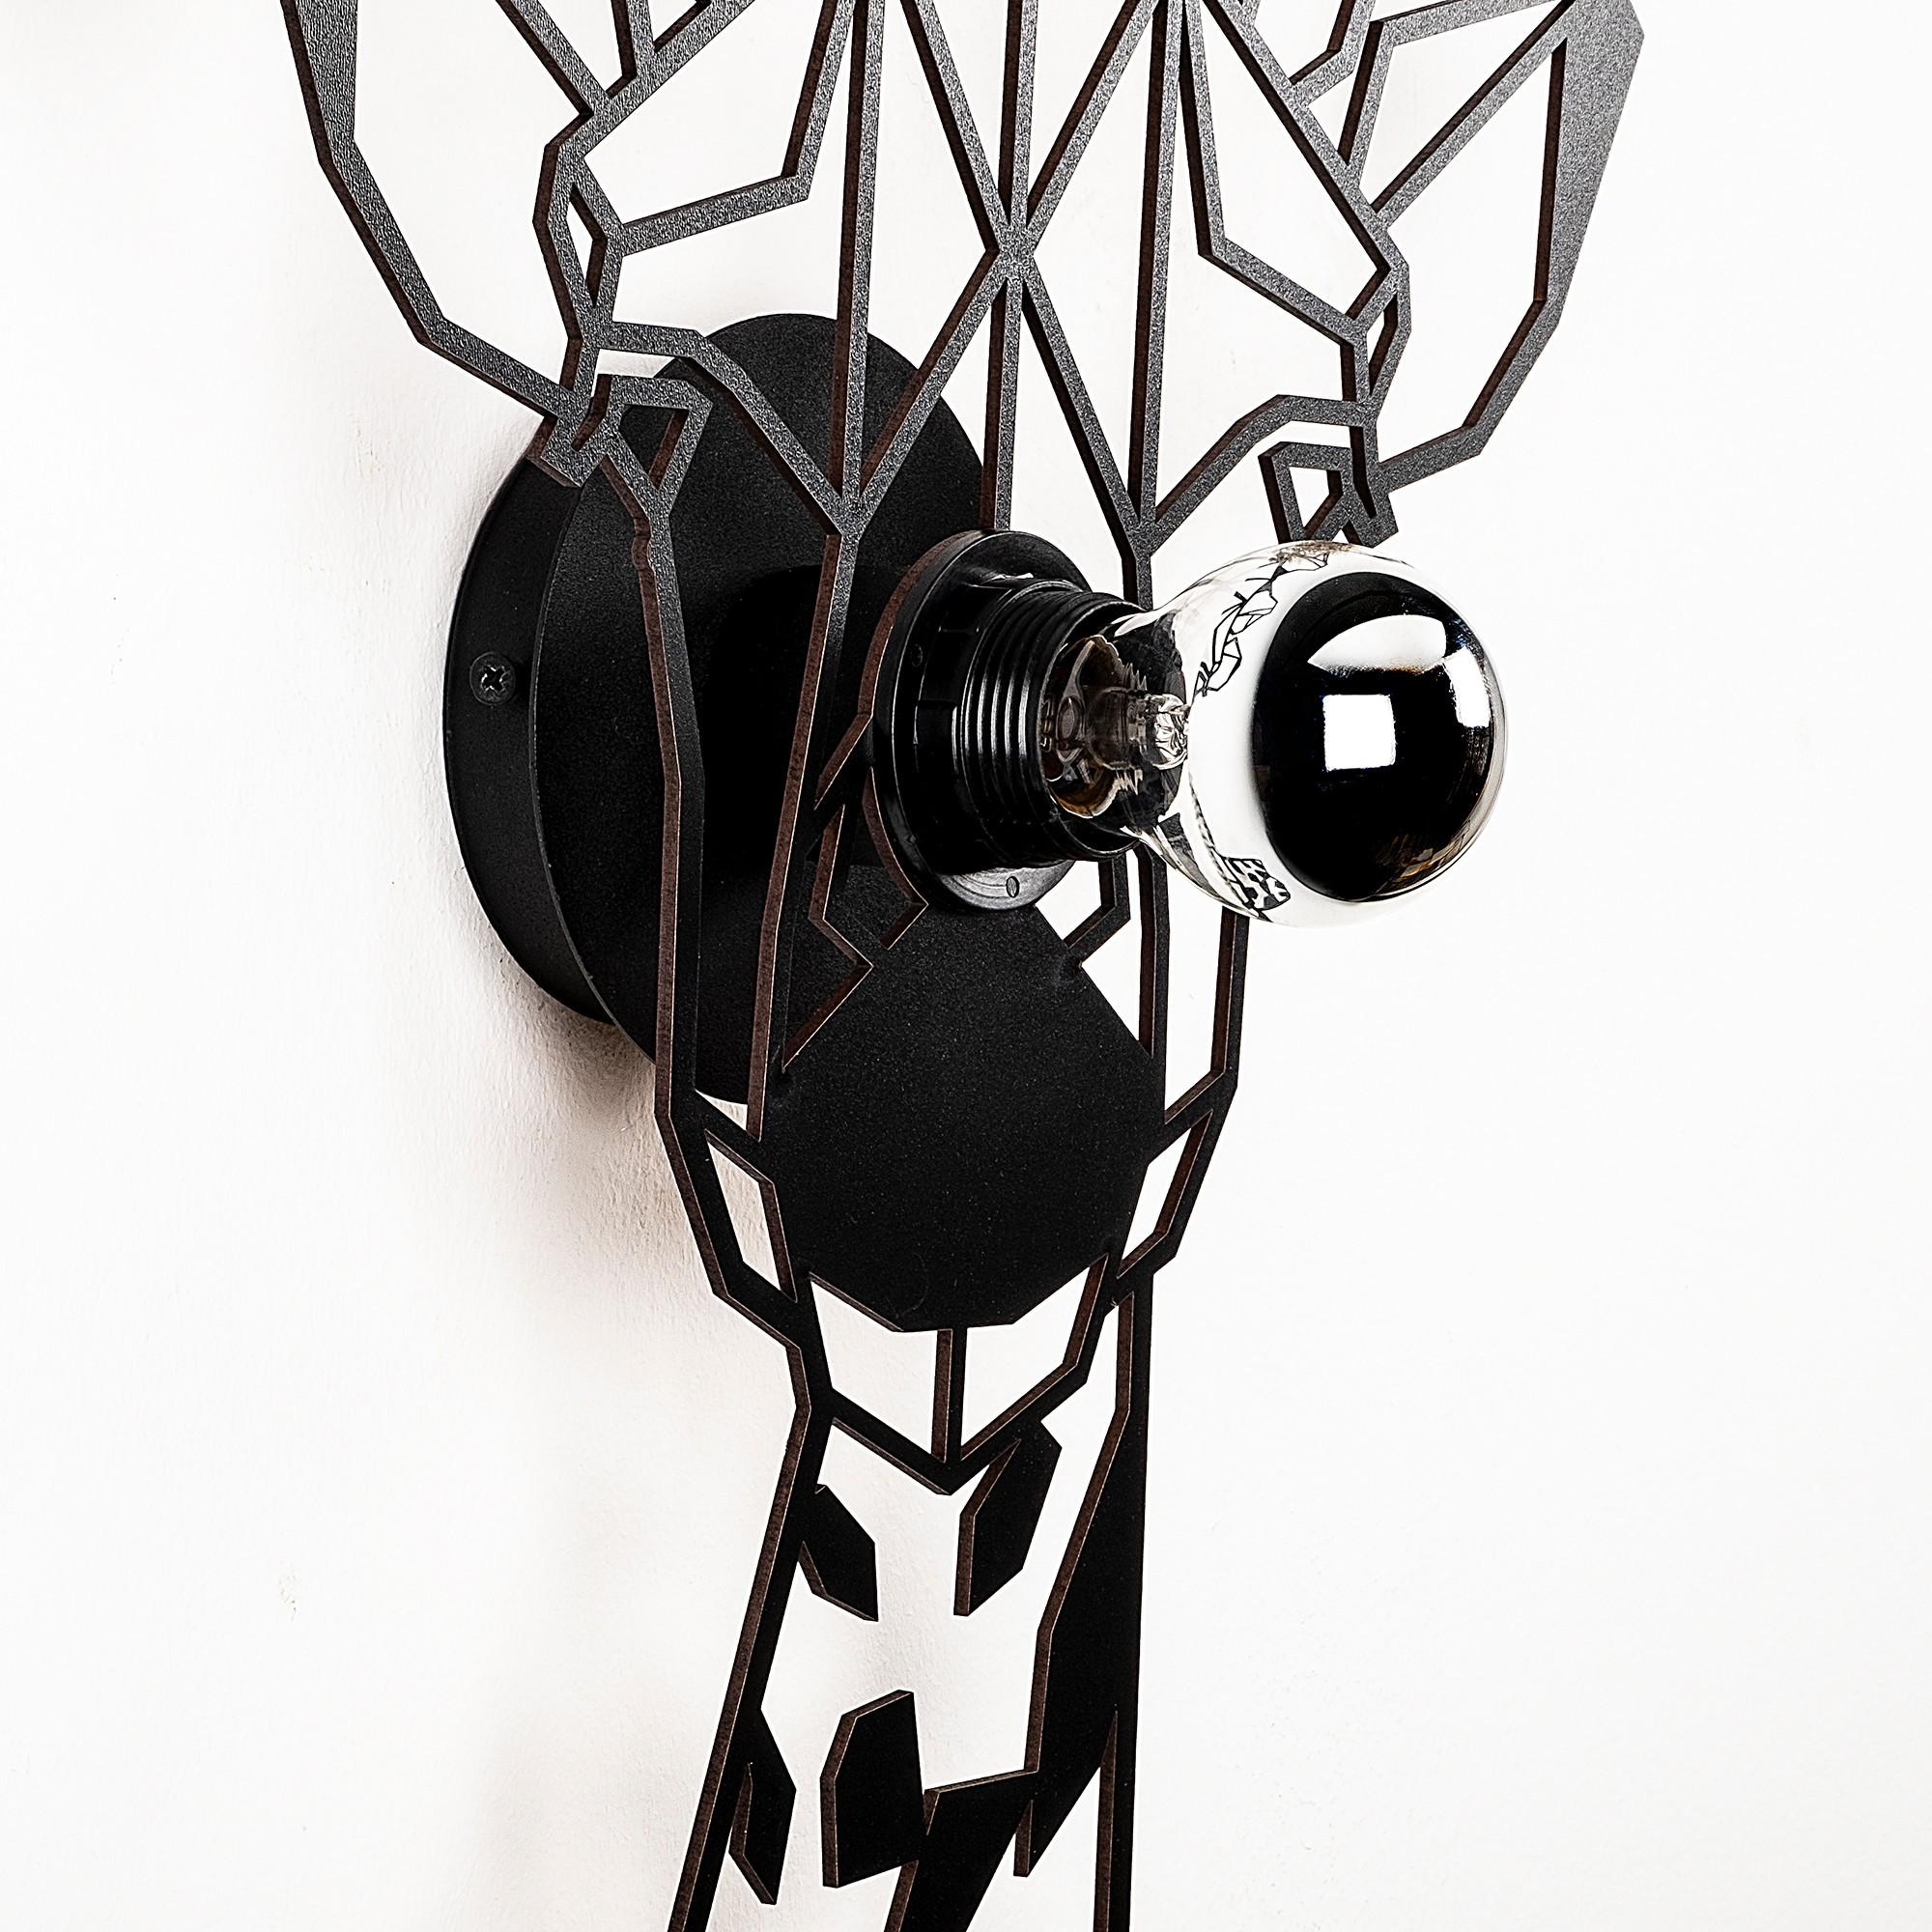 LED industriële wanddeco lamp dieren - Giraf - dimbaar - E27 fitting - zijnaanzicht